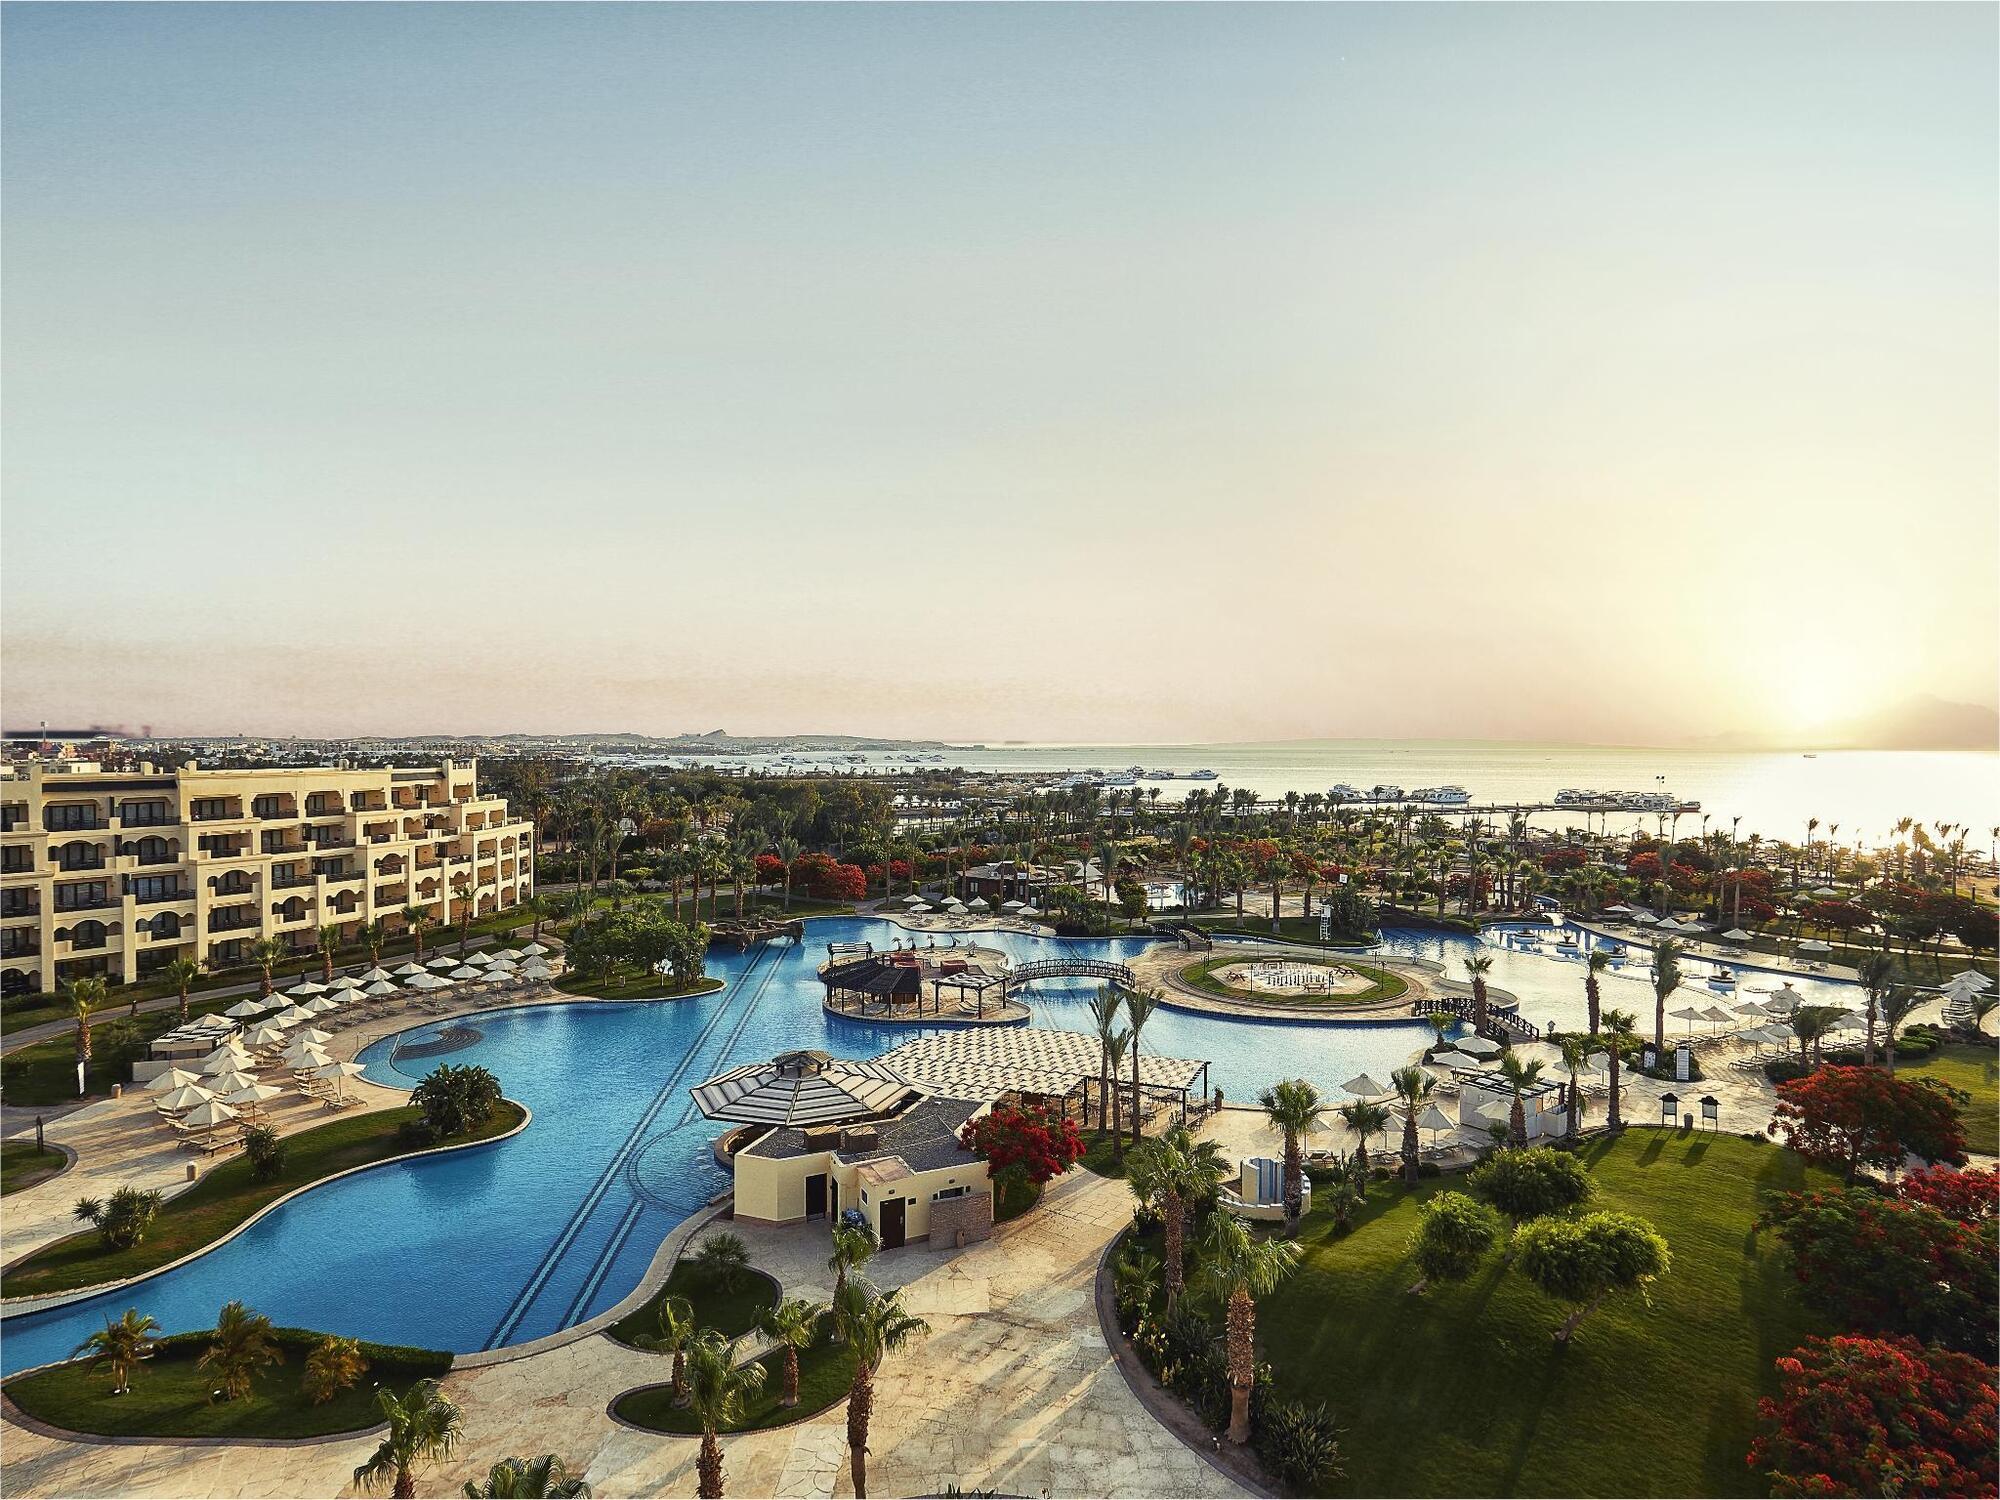 Steigenberger Aldau Beach Hotel, Hurghada Image 19